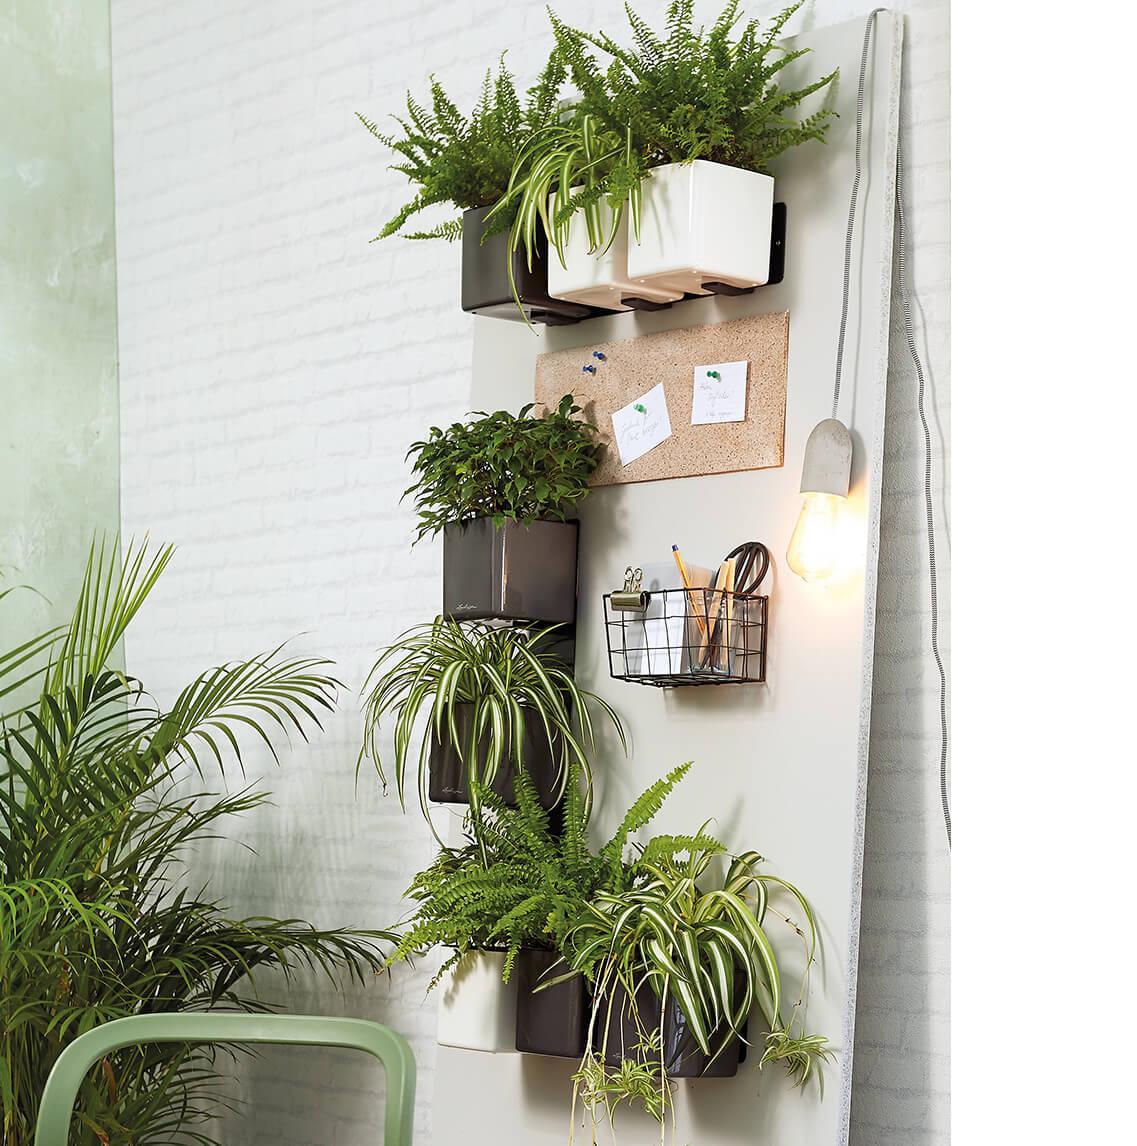 Verschillende Green Wall Kits hangen aan één muur samen met een pennenhouder en prikbord